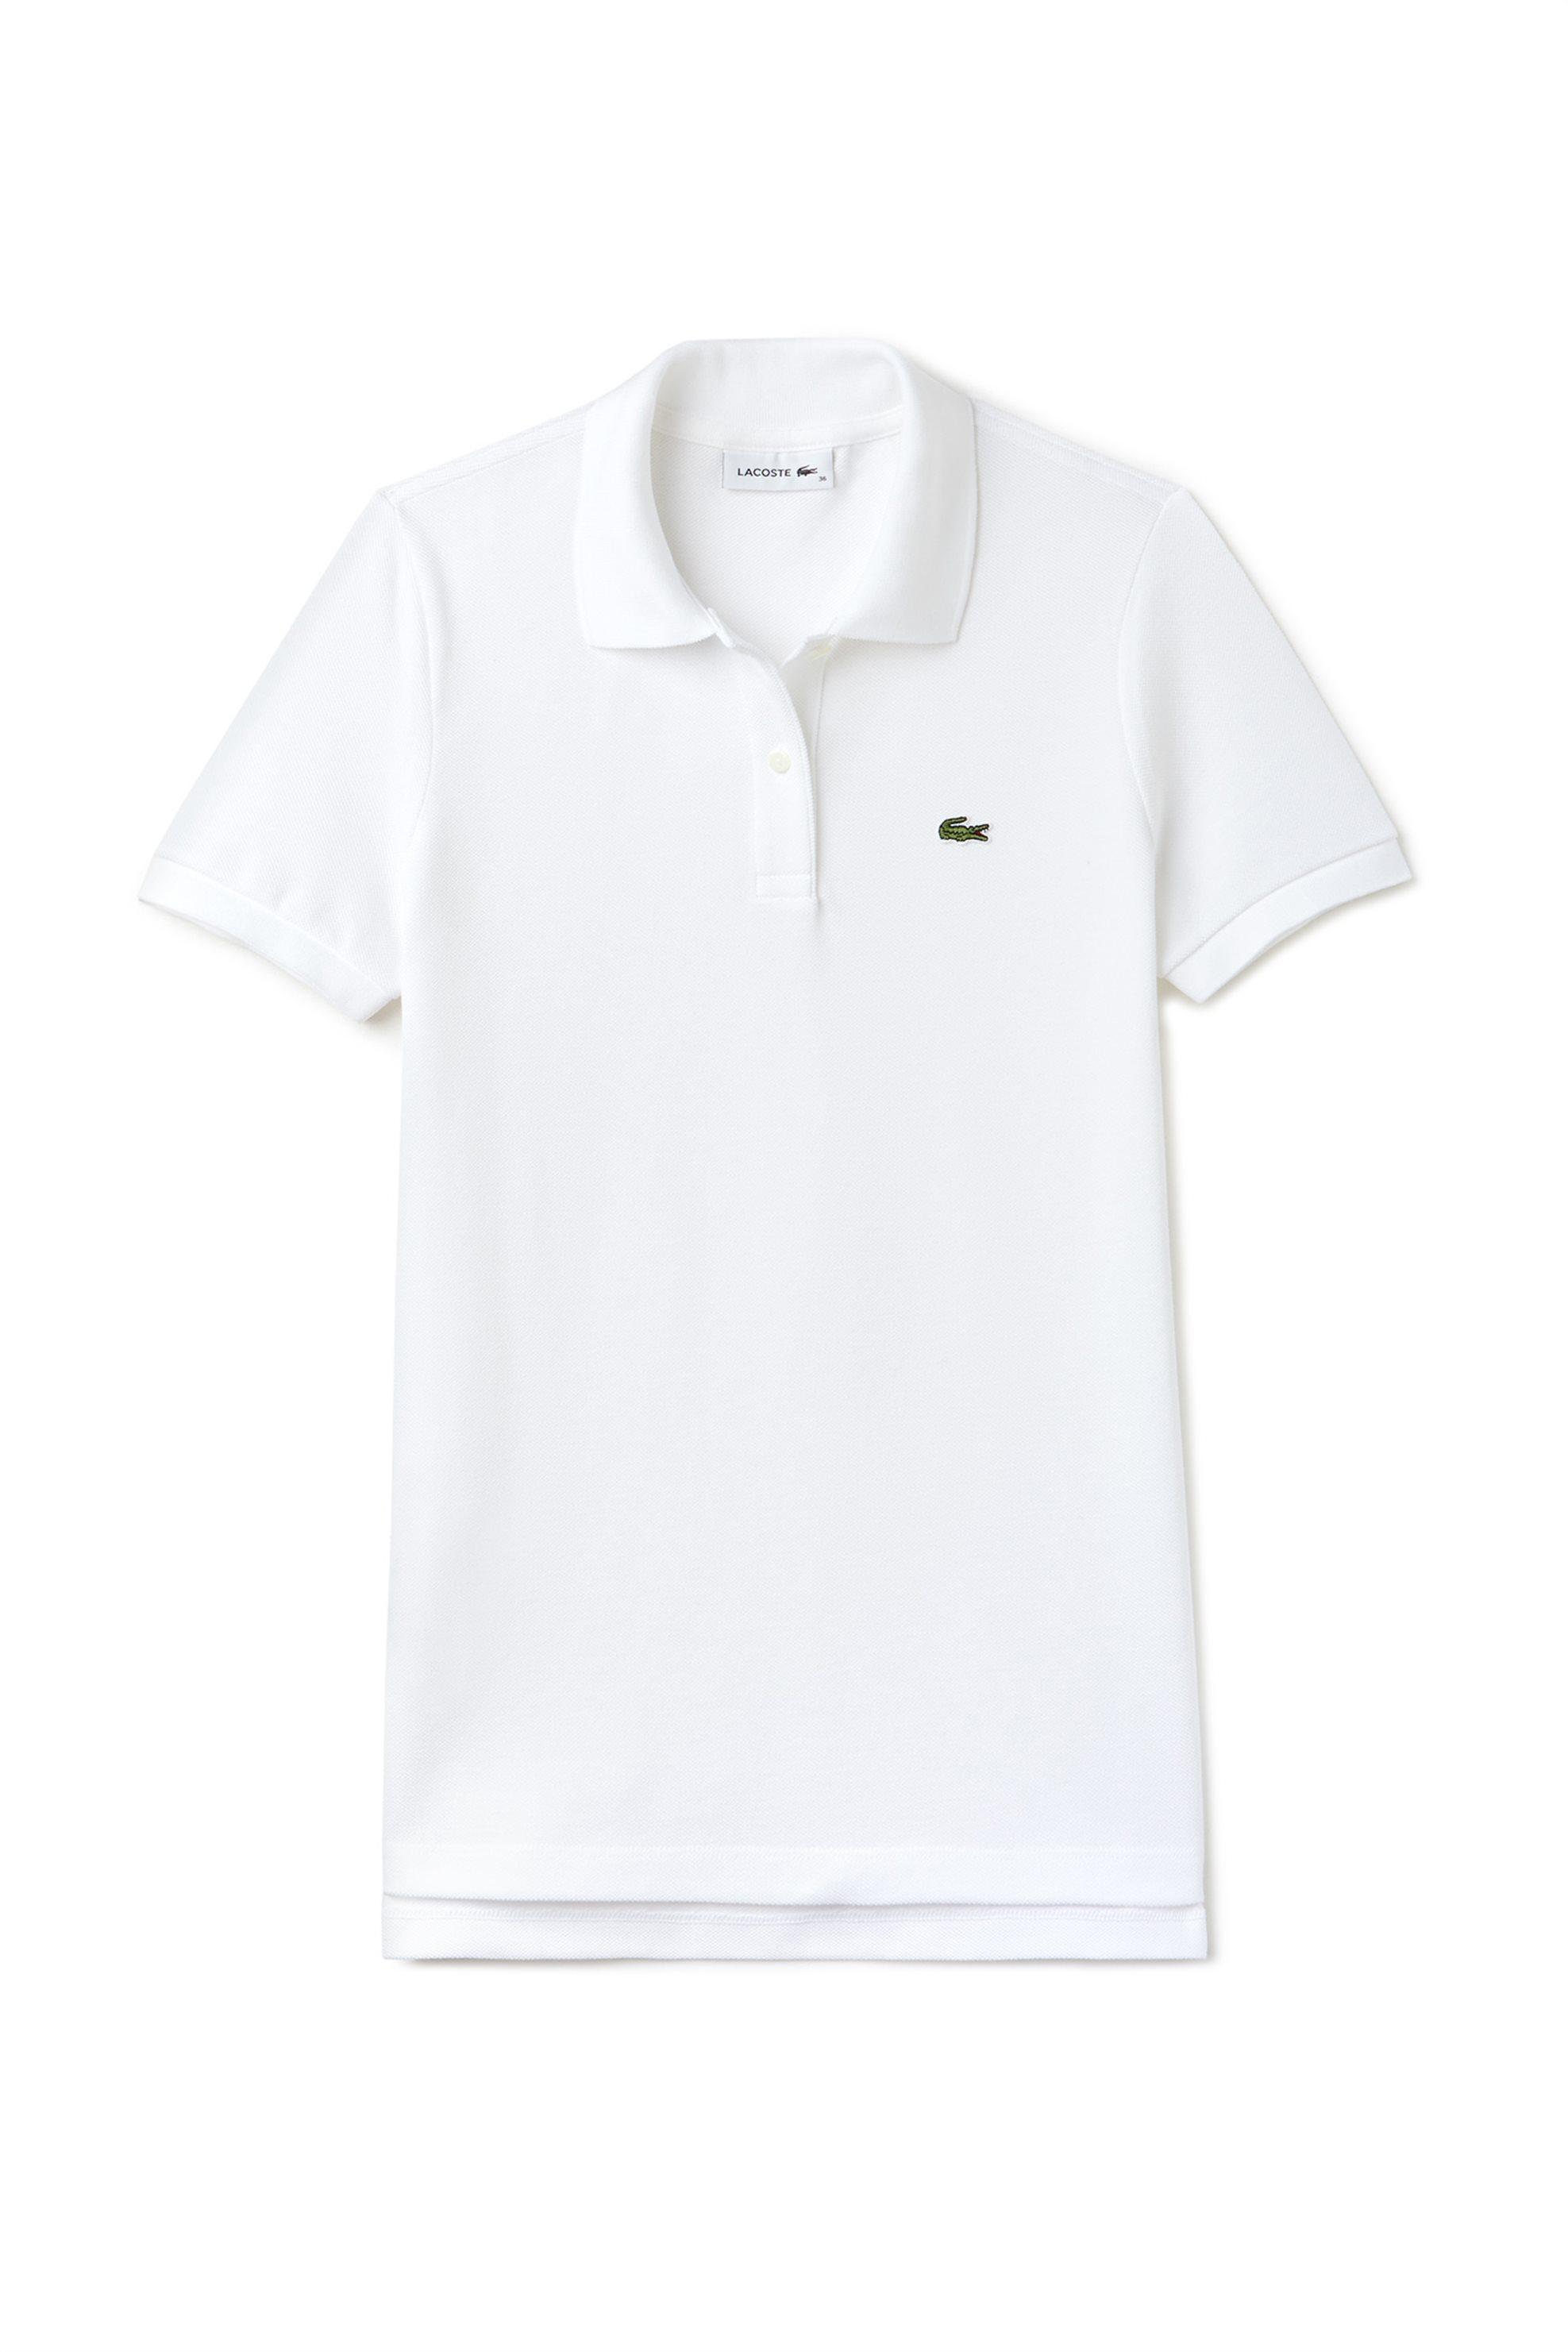 LACOSTE - Γυναικείες Μπλούζες  05b010dd9e5